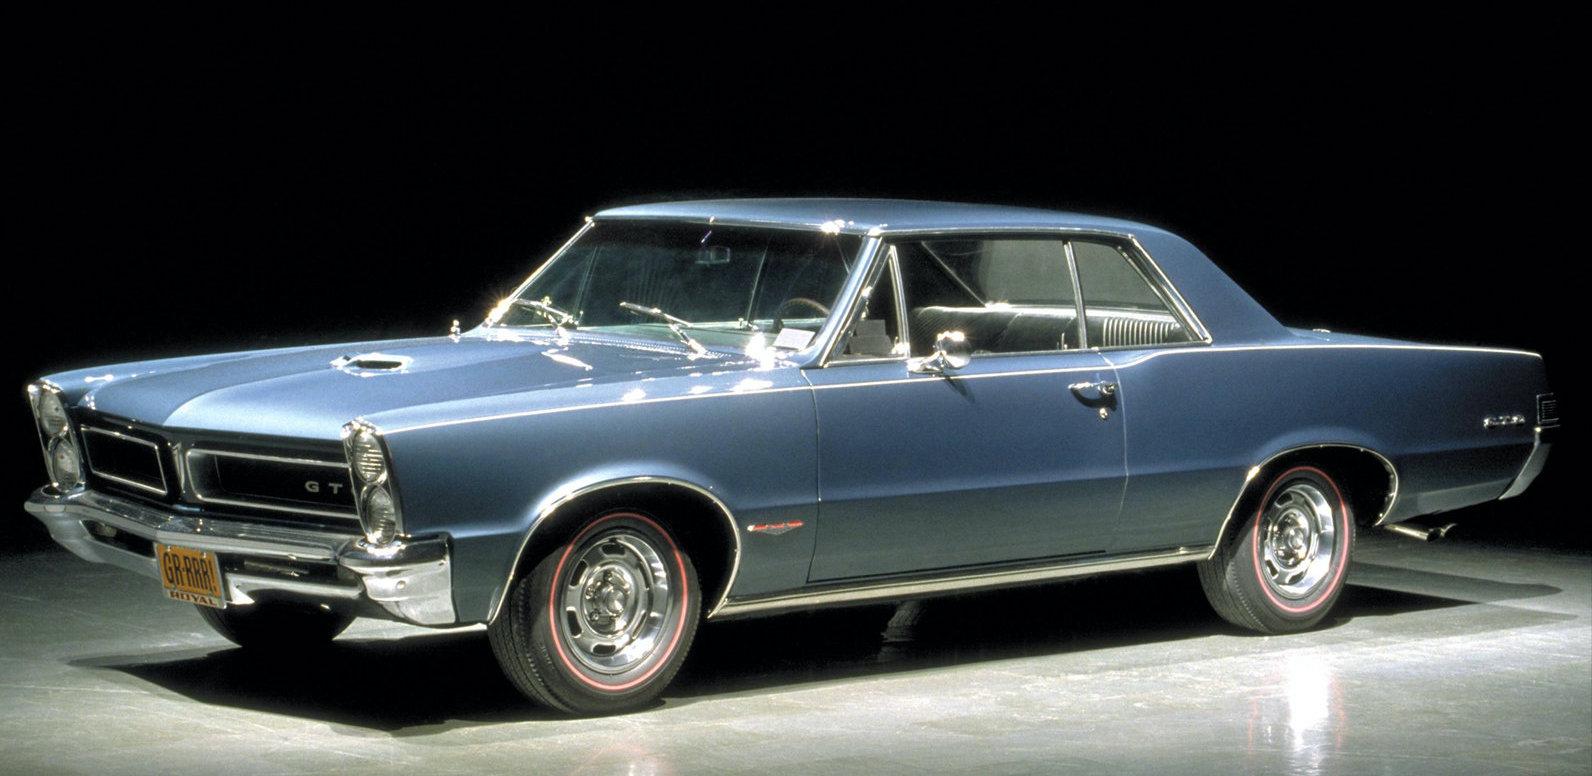 John DeLorean var chefsingenjör för projektet som ledde till Pontiac GTO på 1960-talet.